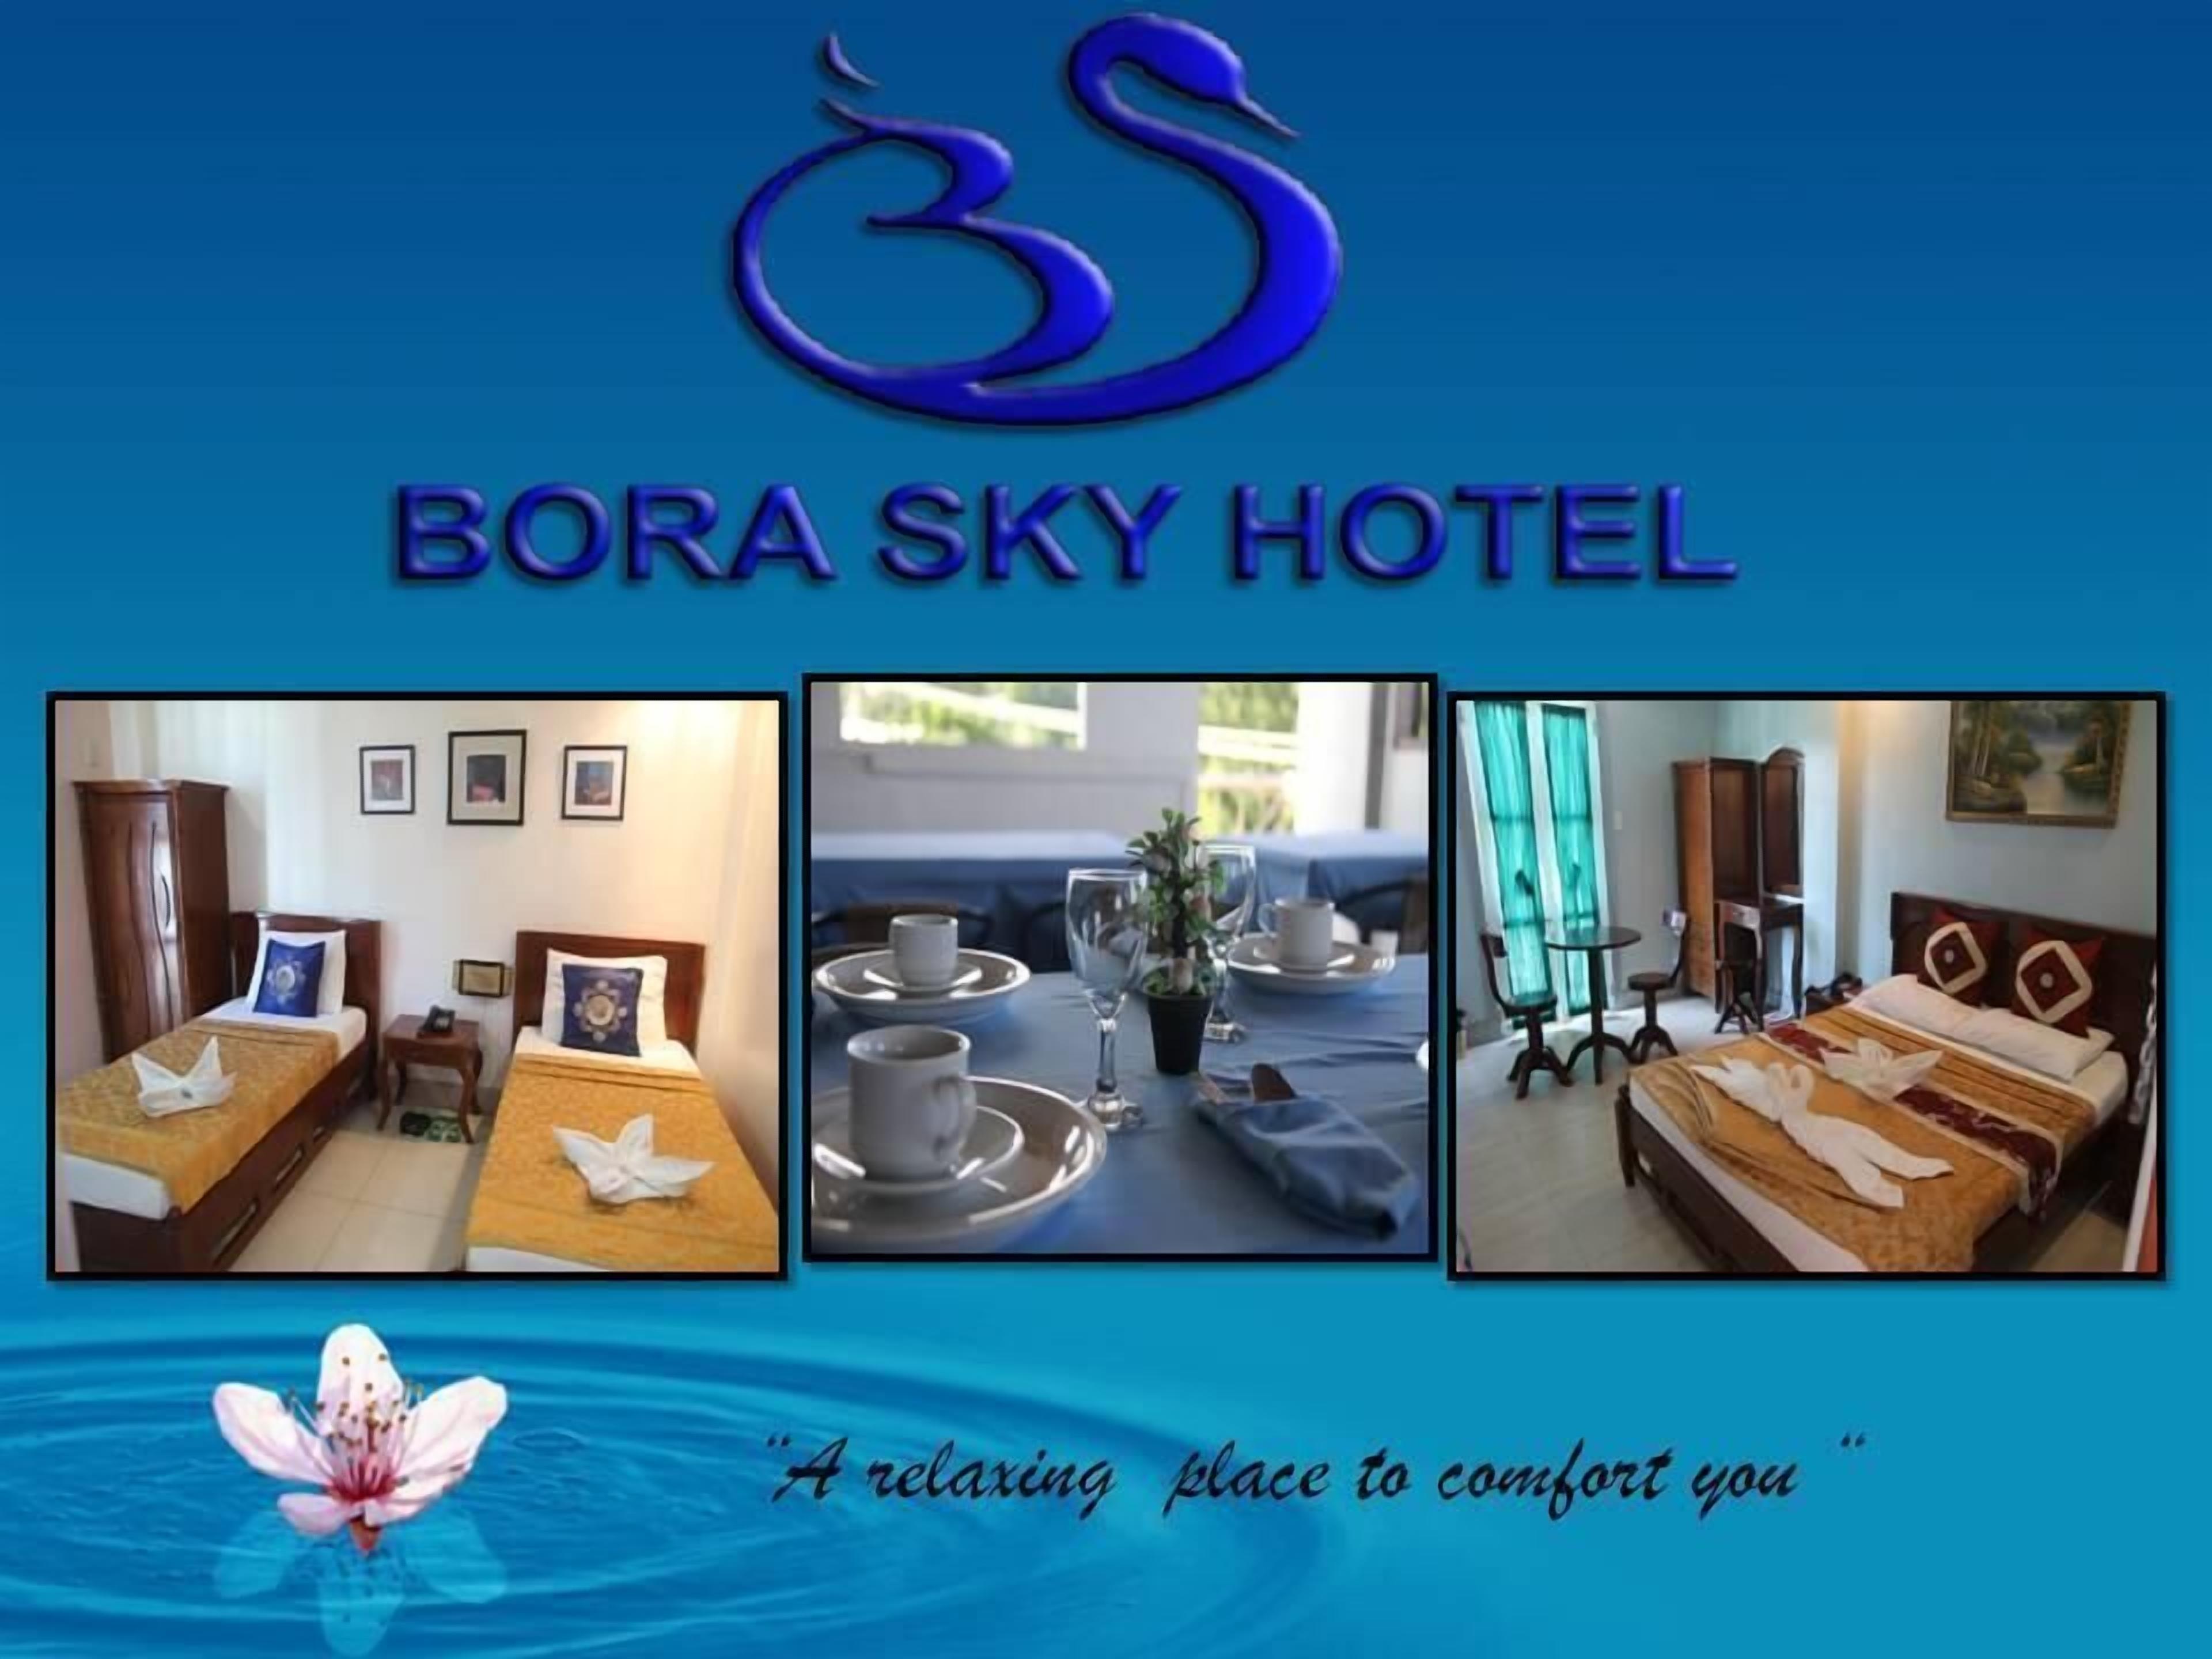 Bora Sky